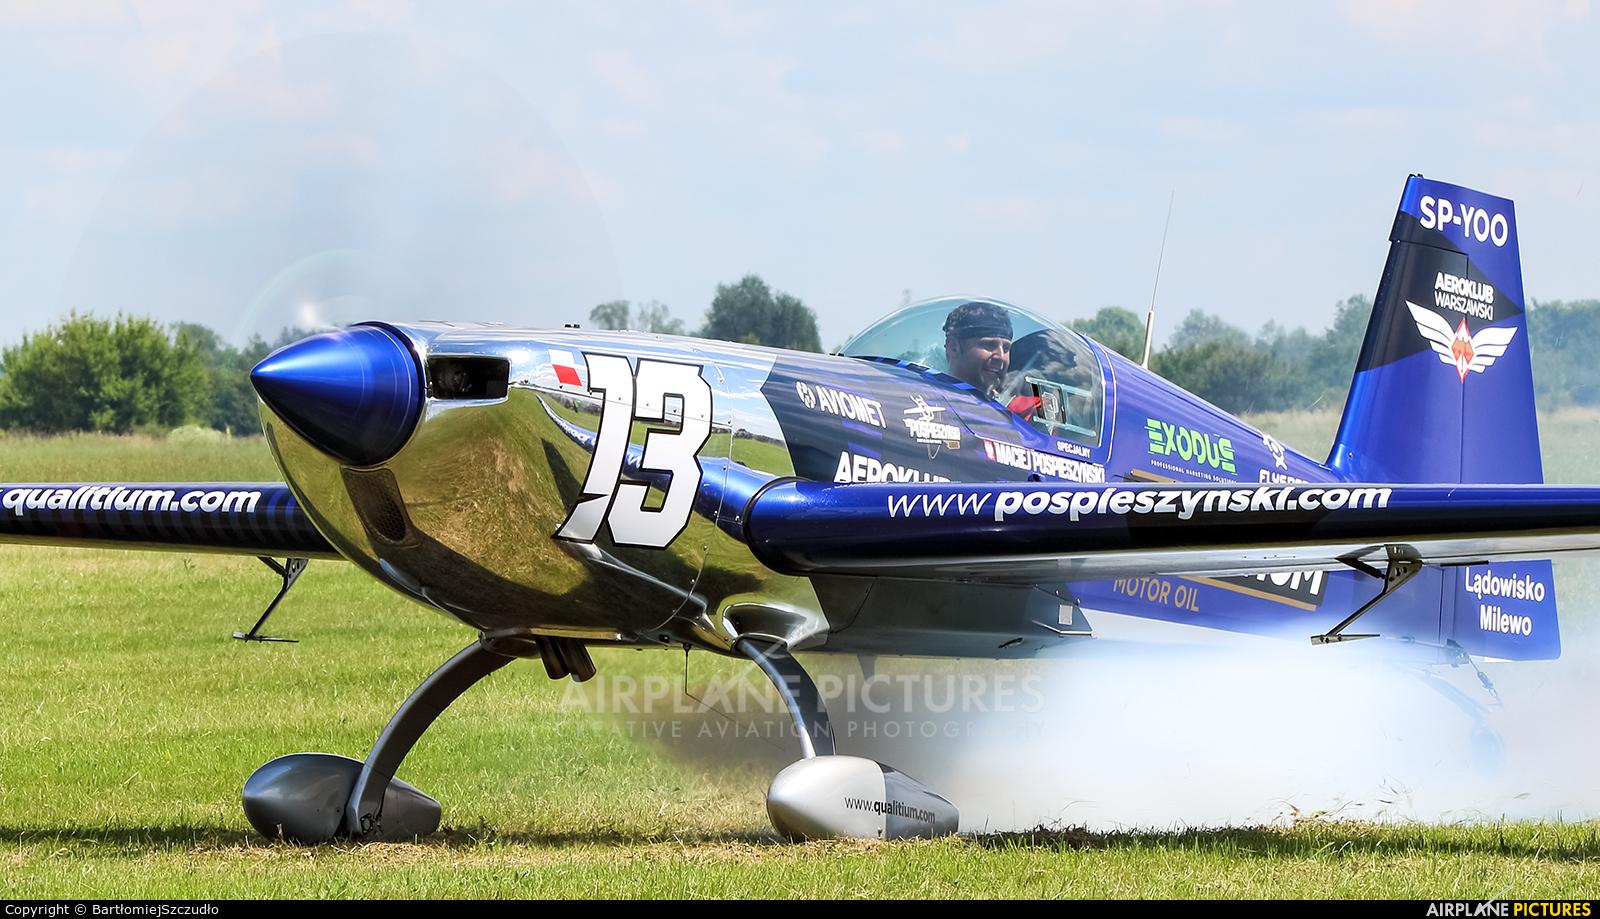 Maciej Pospieszyński - Aerobatics SP-YOO aircraft at Stalowa Wola-Turbia